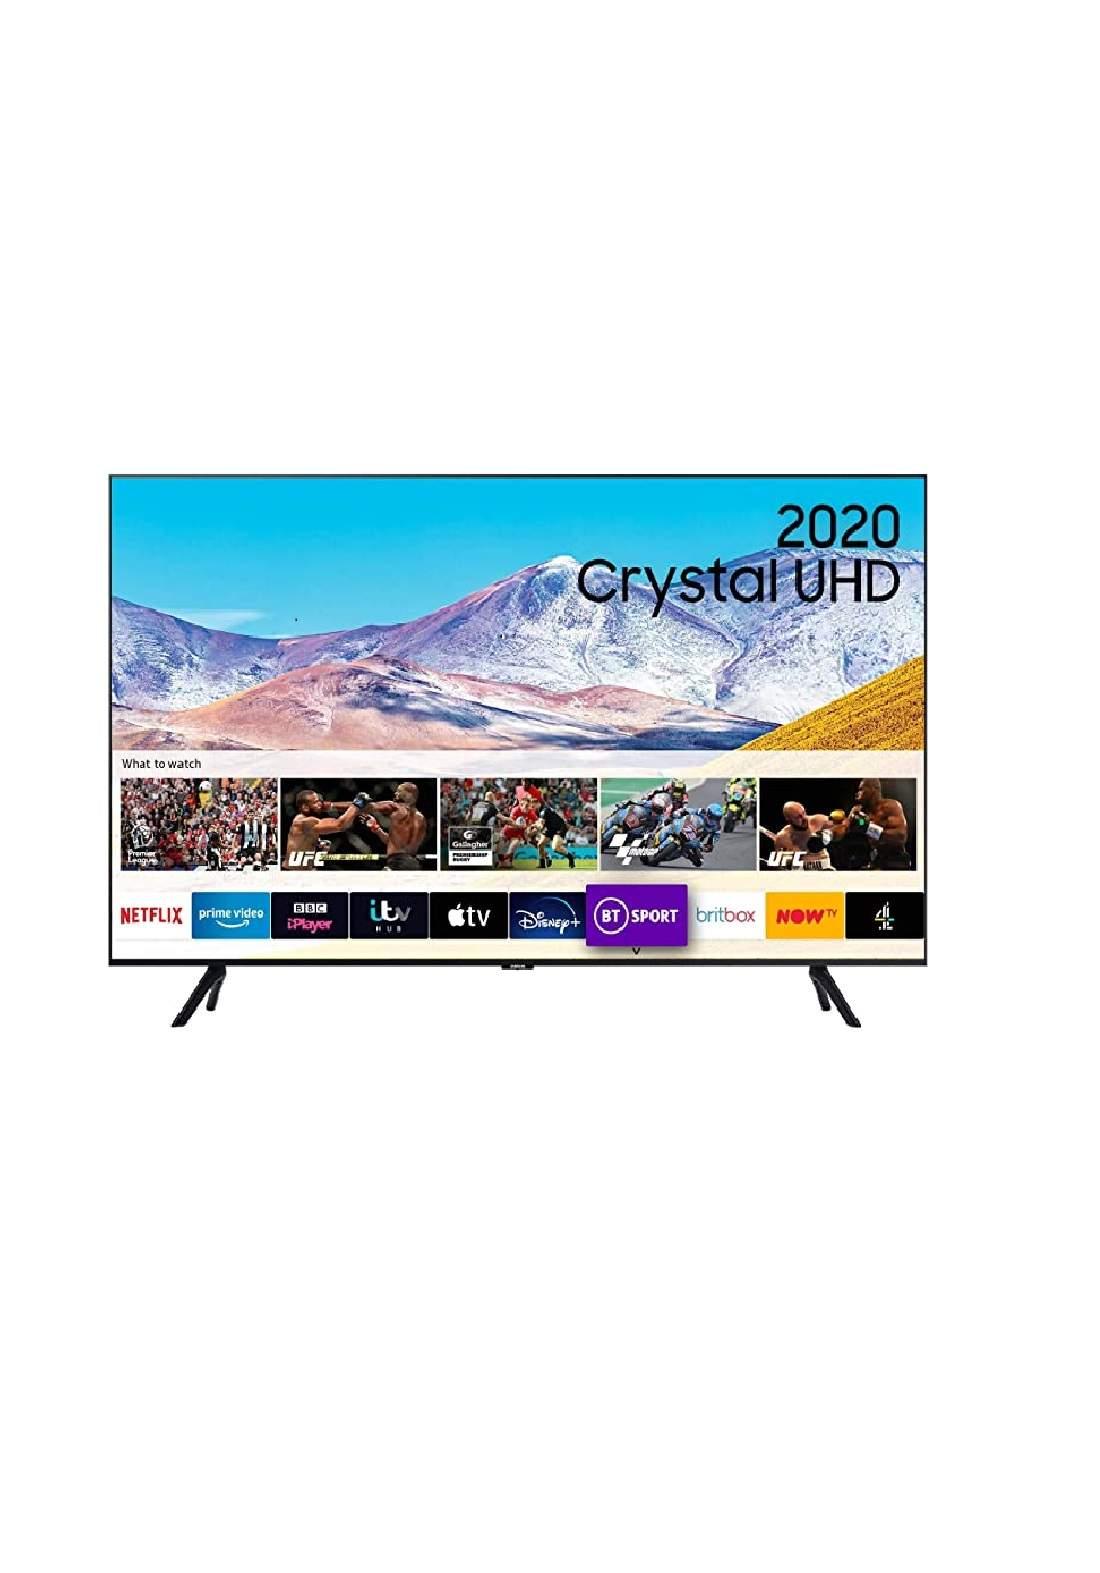 Samsung 75Class TU8000 Crystal UHD 4K Smart TV تلفزيون